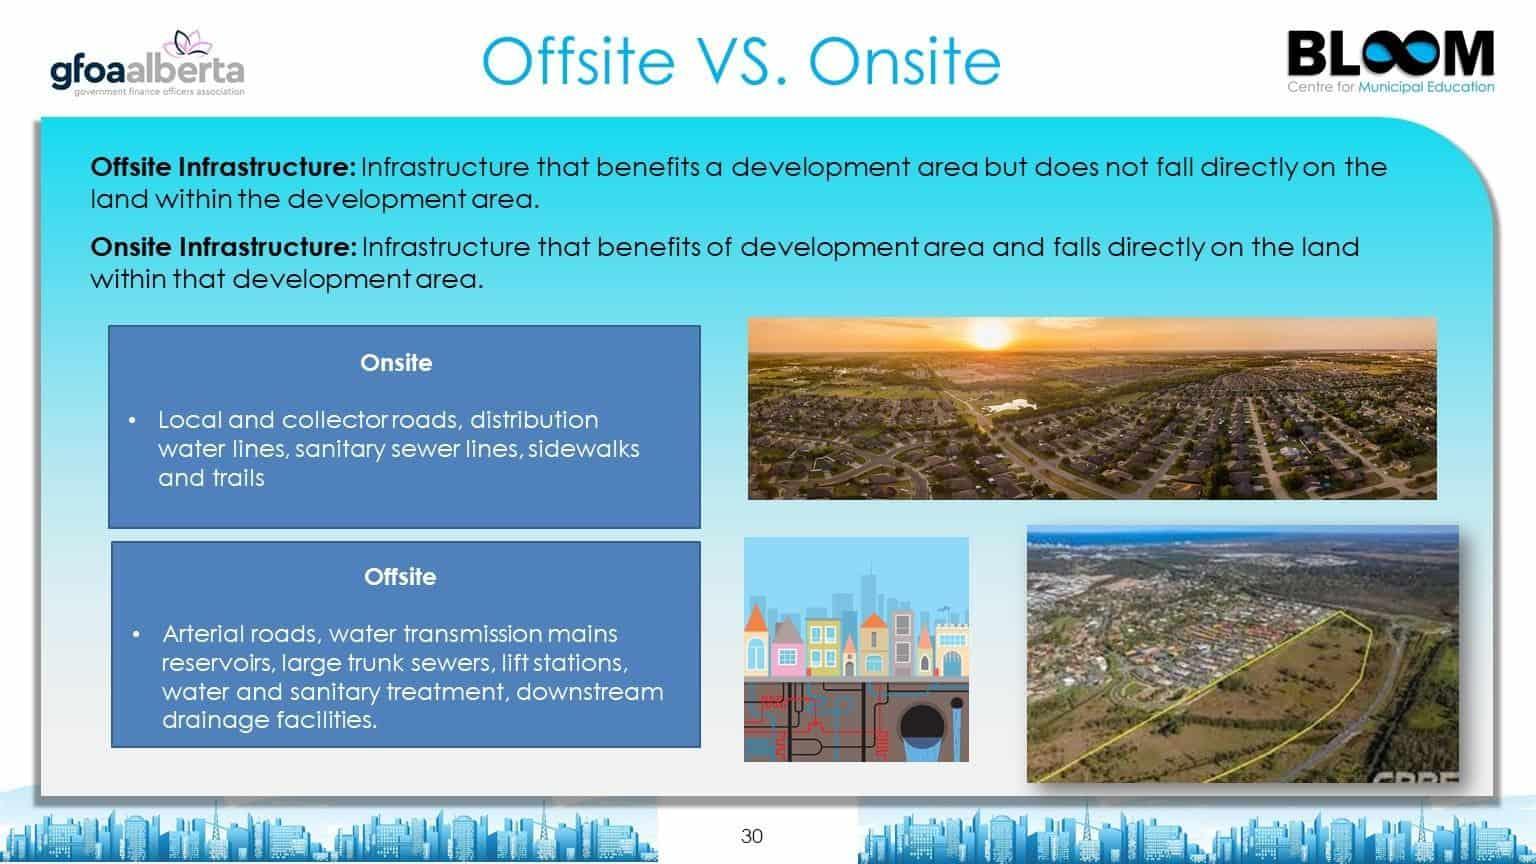 Offsite vs. onsite